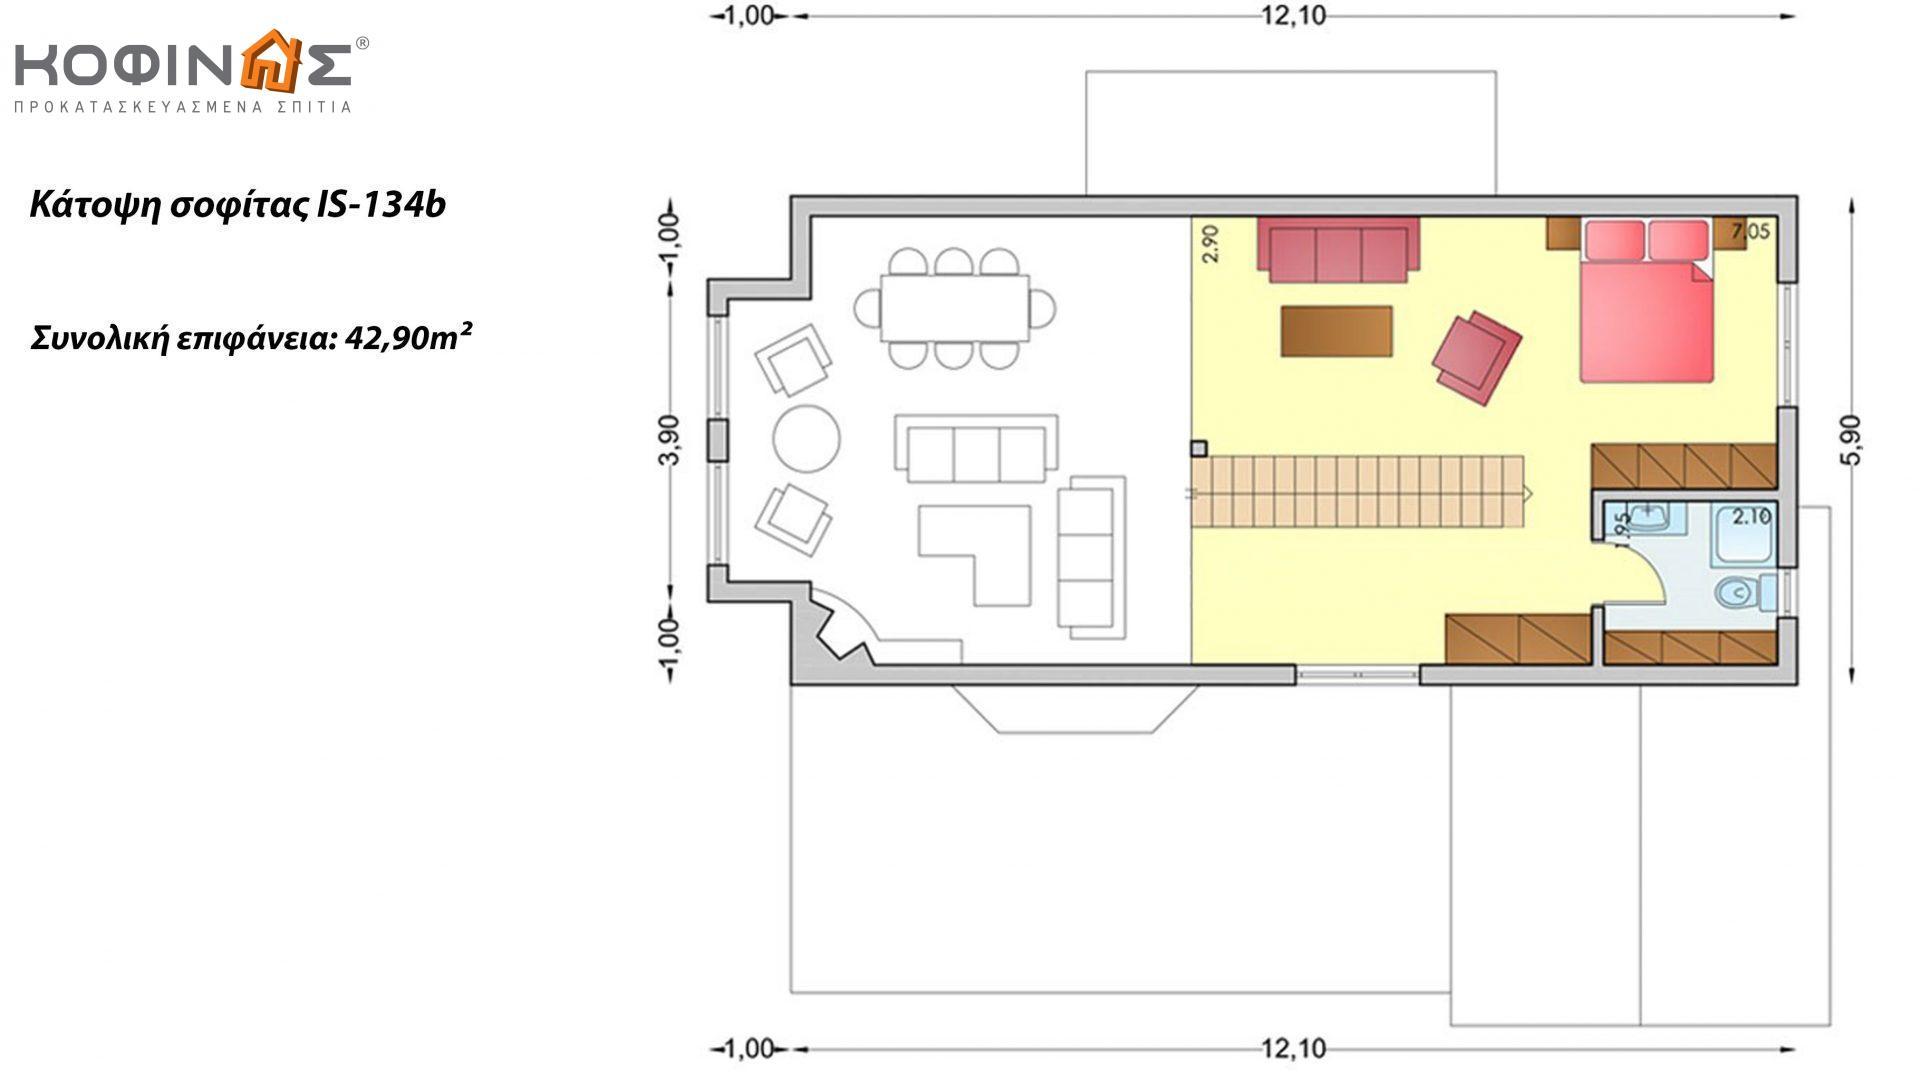 Ισόγεια Κατοικία με Σοφίτα IS-134b, συνολικής επιφάνειας 134,25 τ.μ.